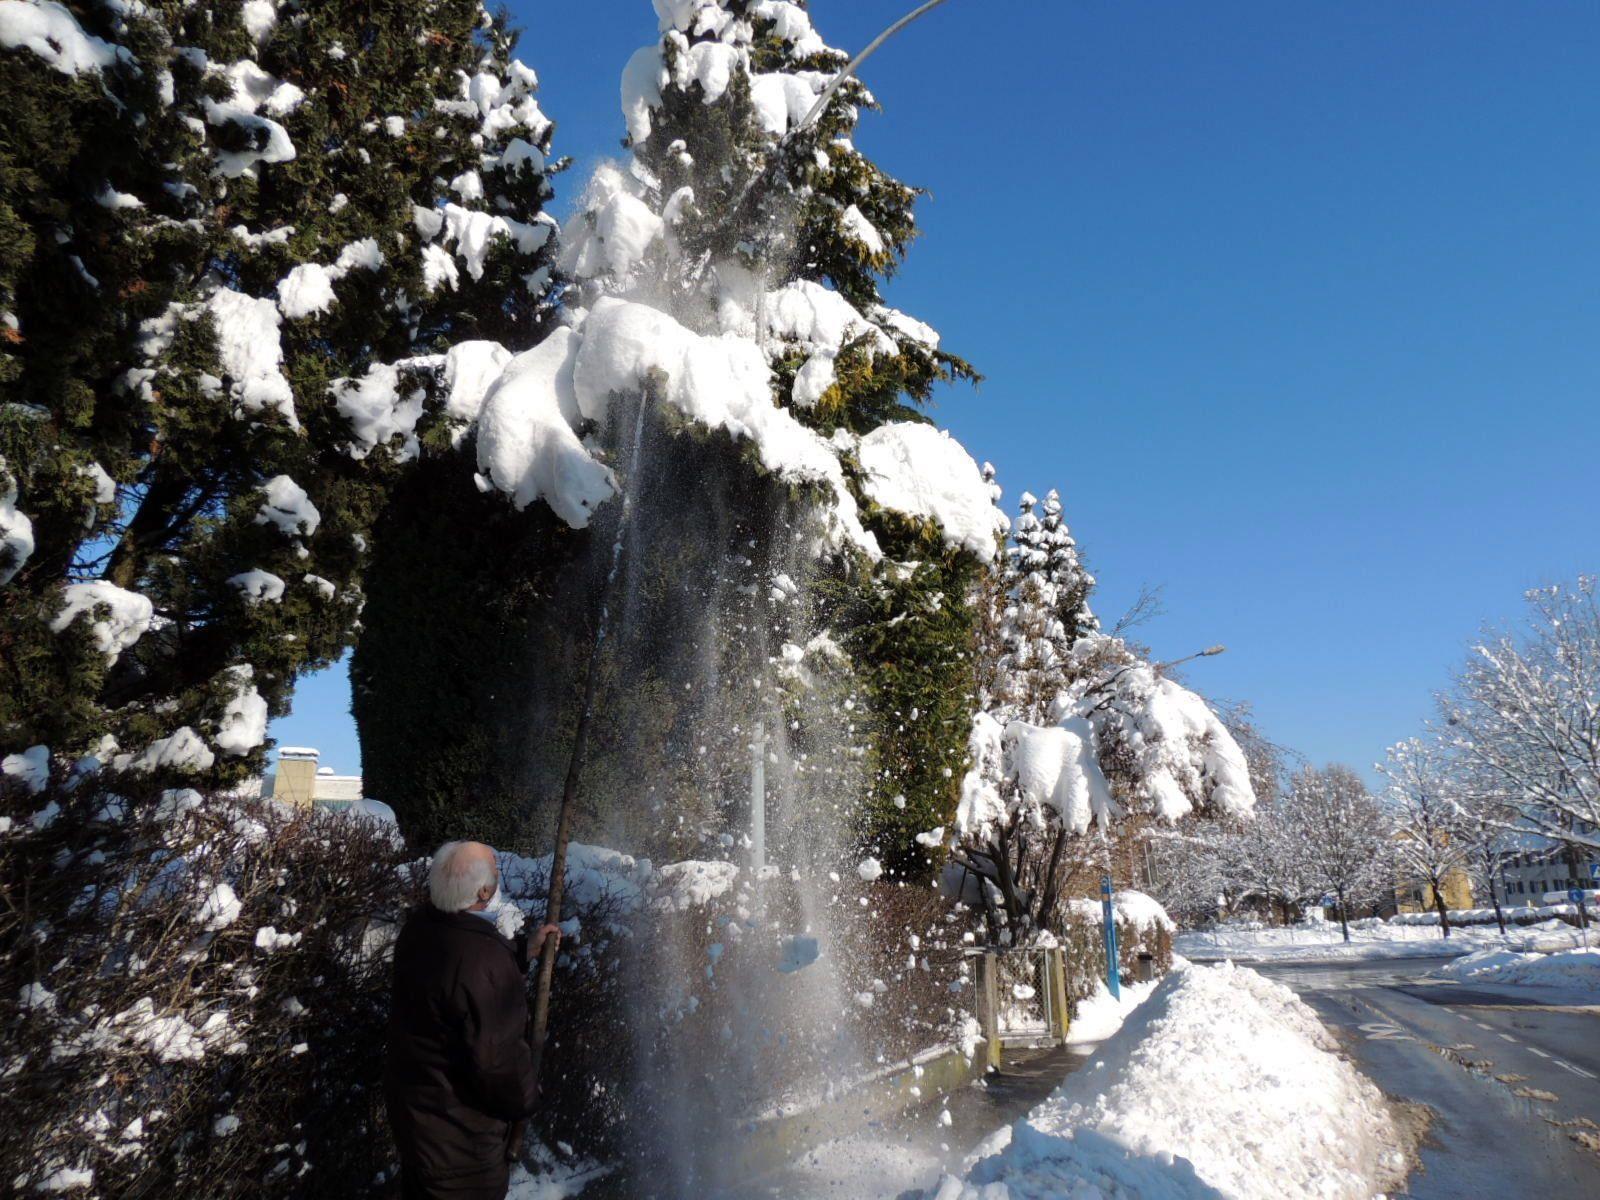 Der großgewachsene Lebensbaum wird vom umsichtigen Hausbesitzer vom Schnee befreit